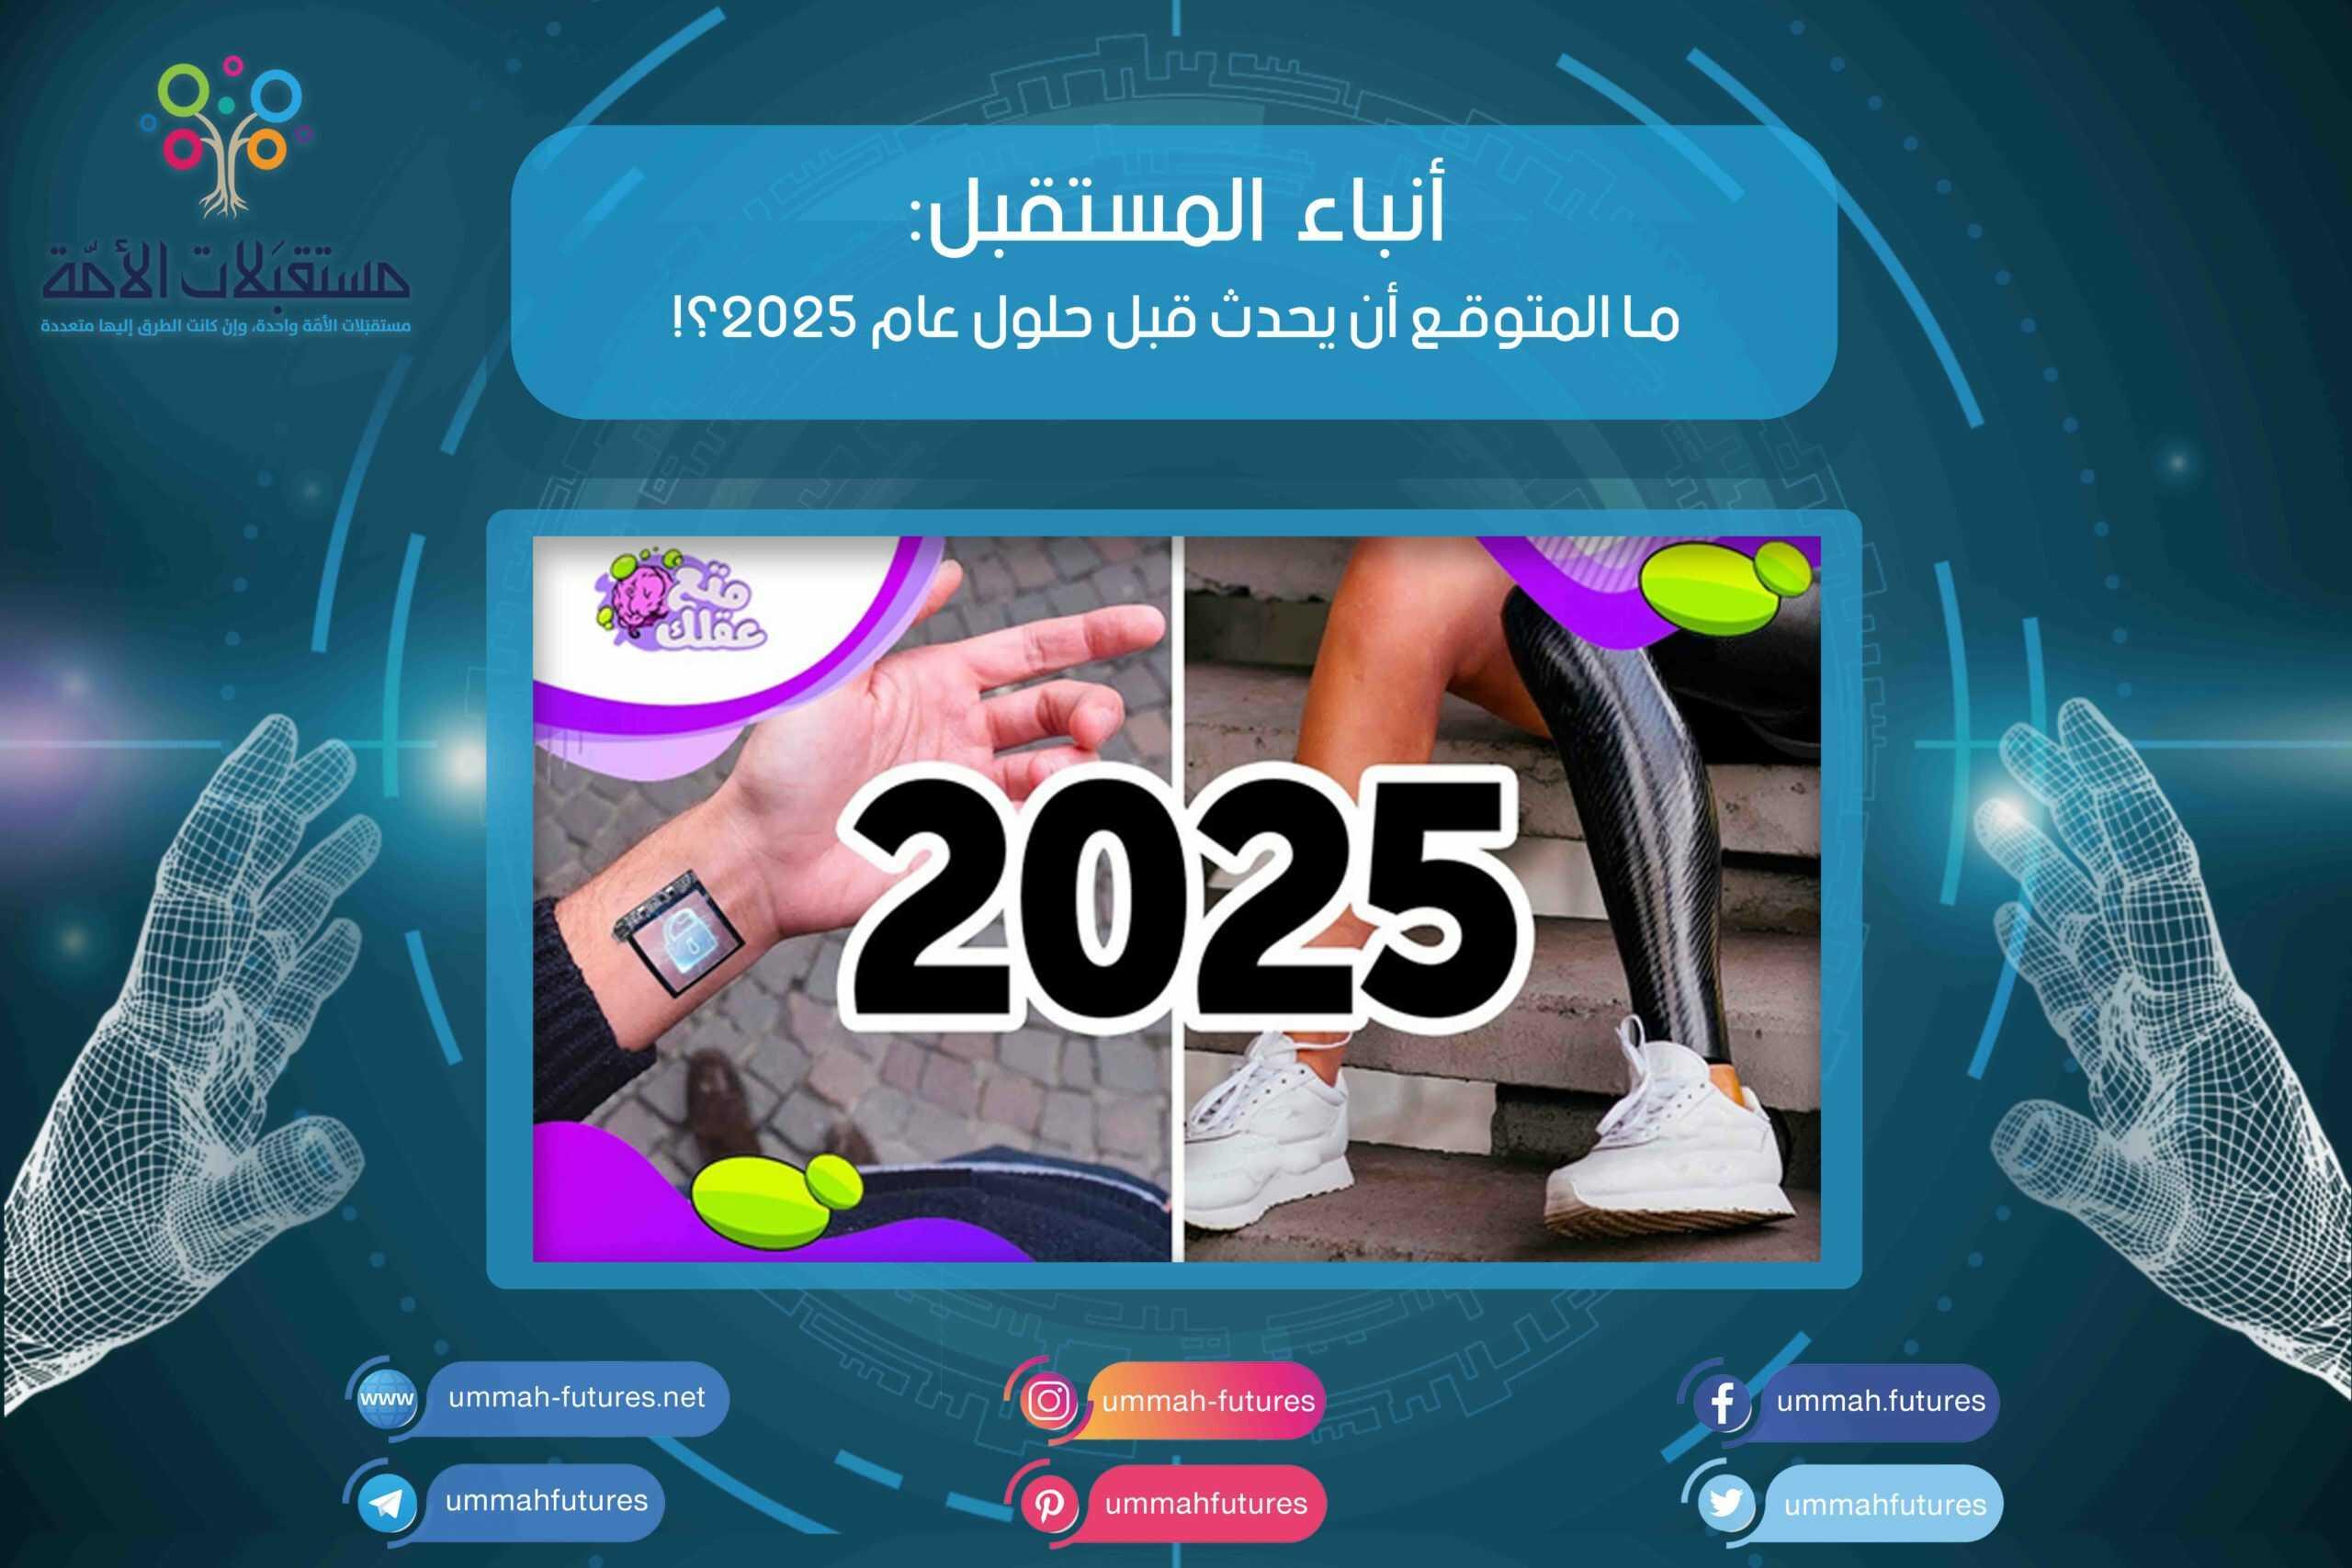 ما المتوقع أن يحدث قبل حلول عام 2025؟!